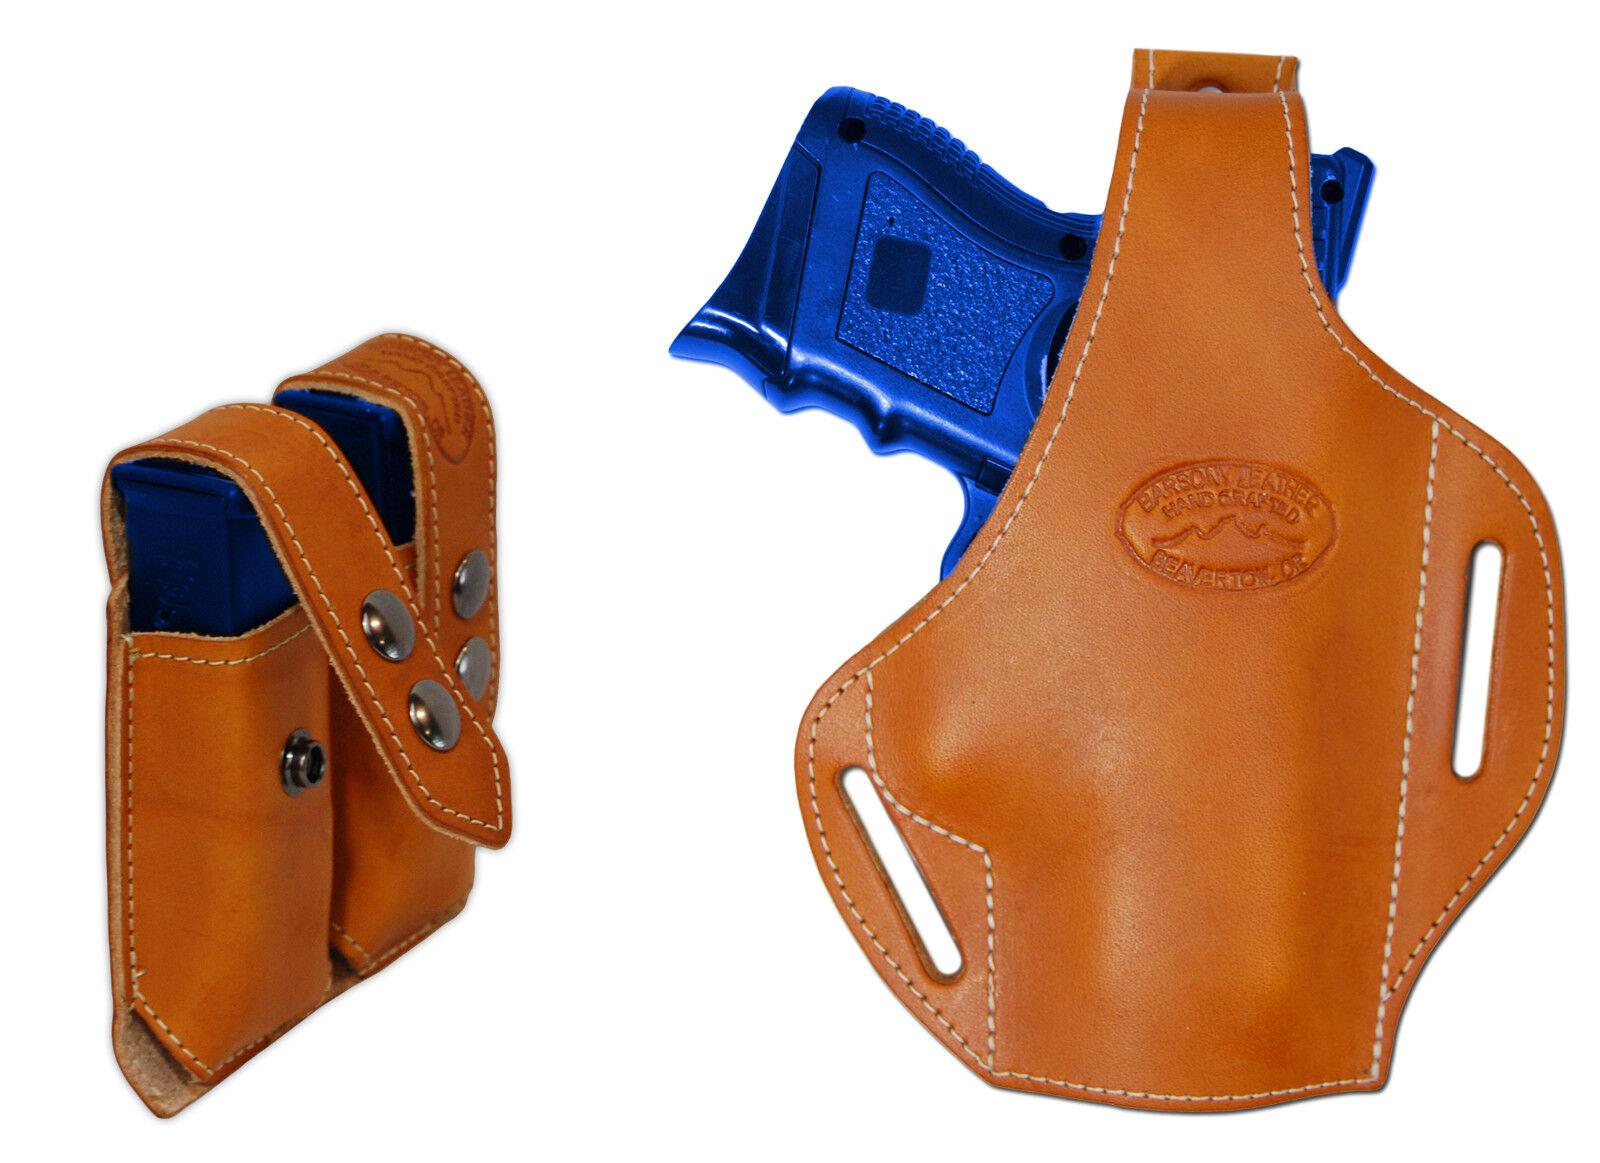 Nuevo Bronceado cuero panqueque Funda Pistola + Dbl Mag Pouch sig-sauer Compacto 9mm 40 45